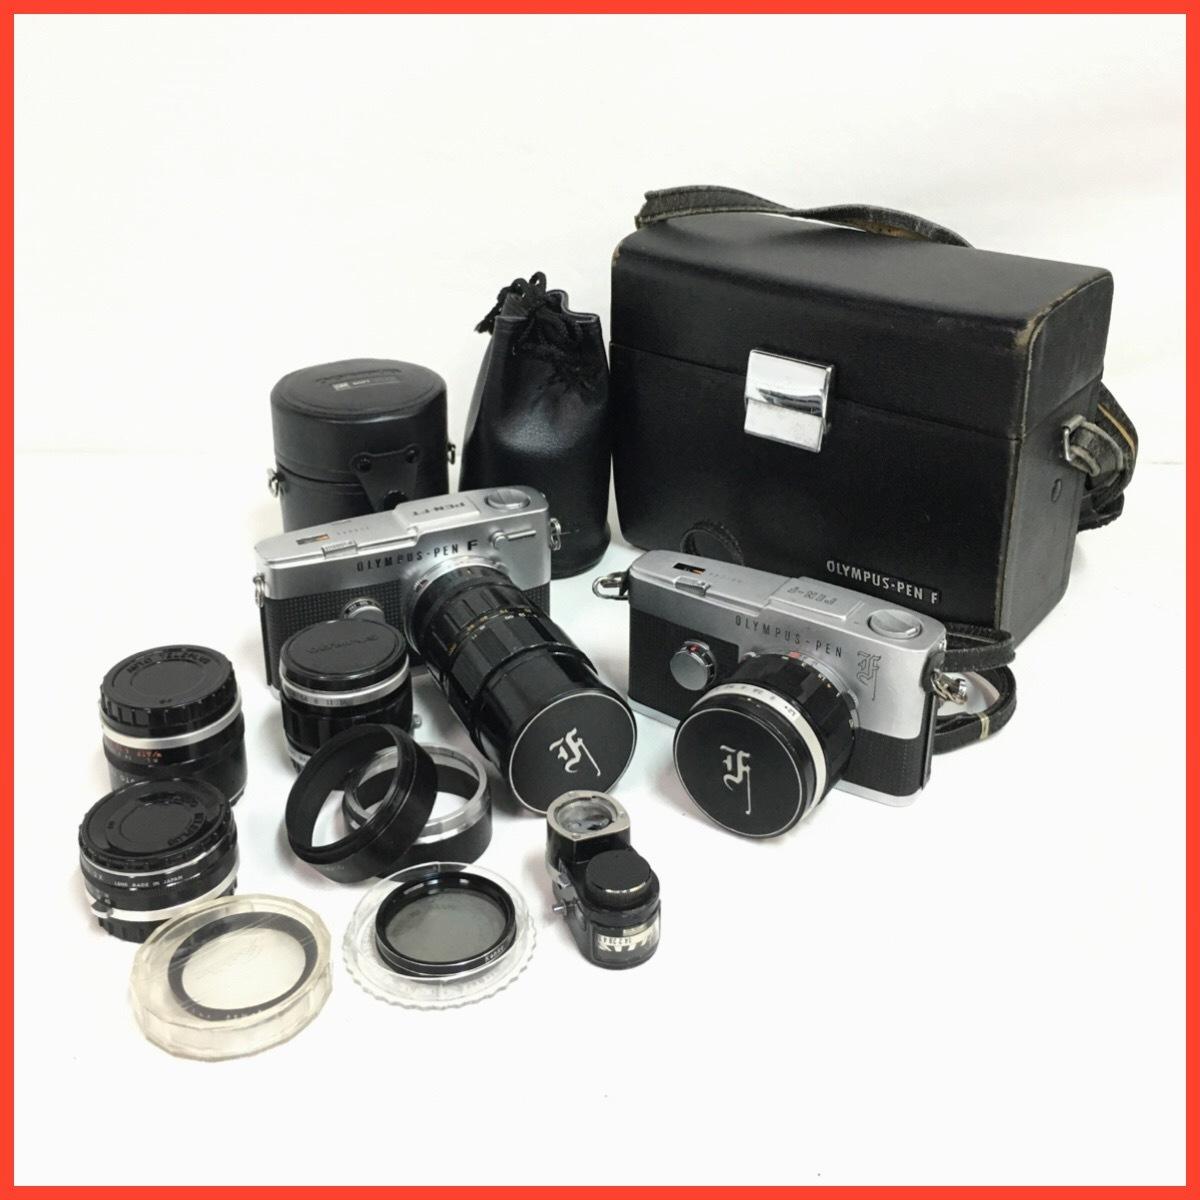 1円~ 動確OK!まとめて【OLYMPUS/日本製】フィルムカメラ PEN-F/PEN-FT レンズ 5本 他セット K18-0420-05